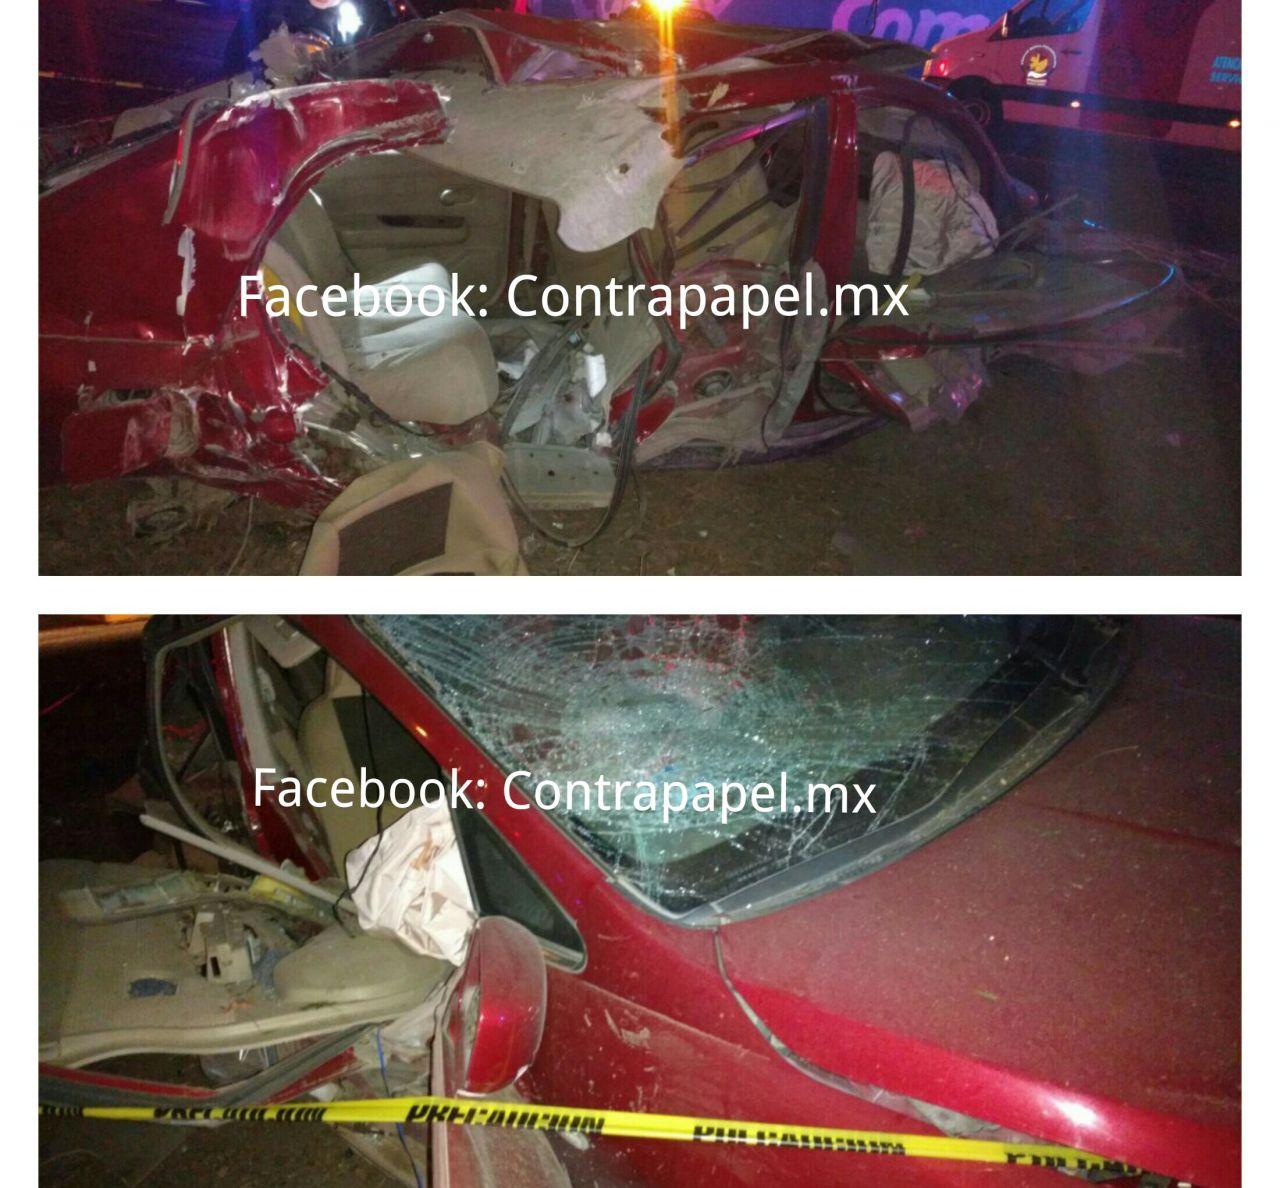 Por exceso de velocidad y estado de ebriedad dos jóvenes pierden la vida frente a Puerta Texcoco